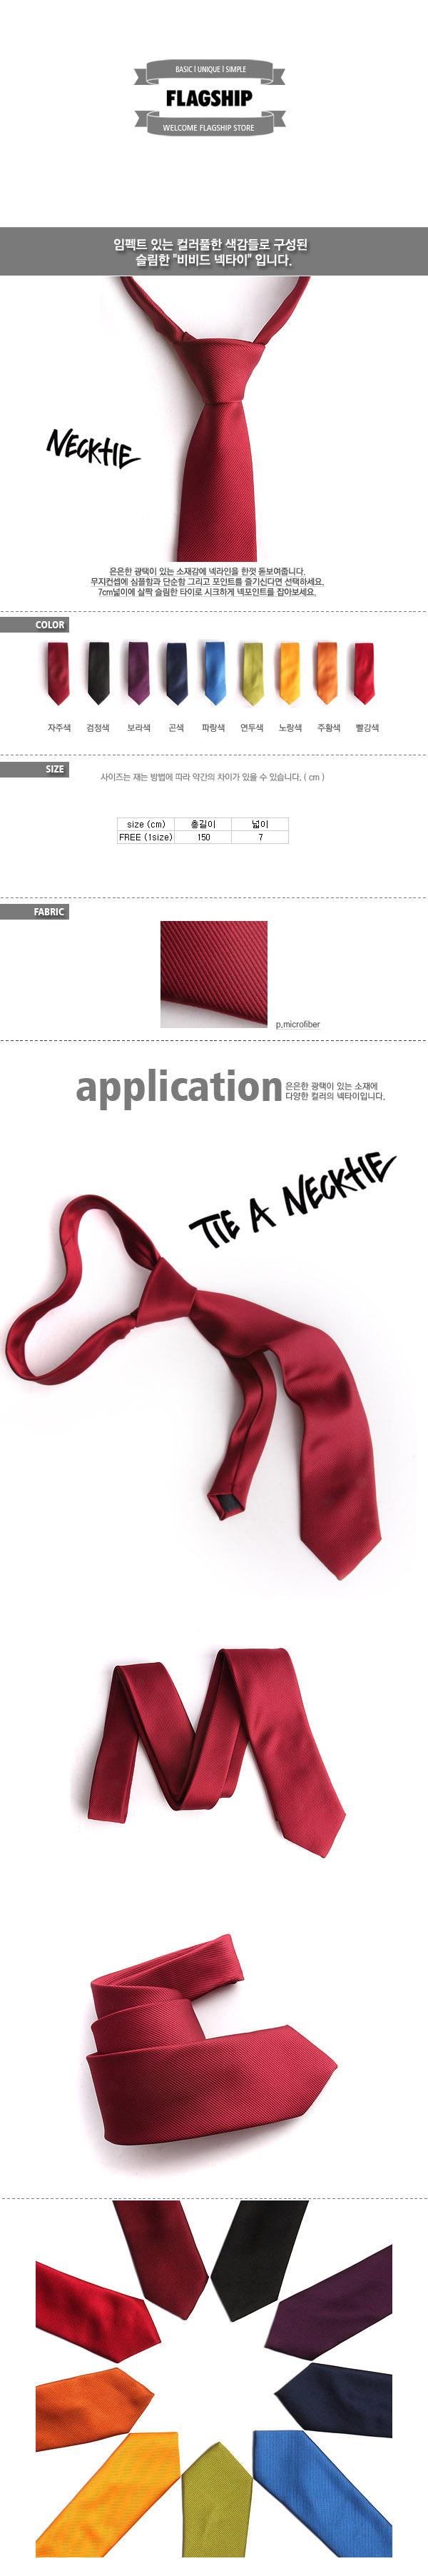 플래그쉽 비비드 넥타이 [9컬러] (FLAGSHIP vivid_neck_tie)